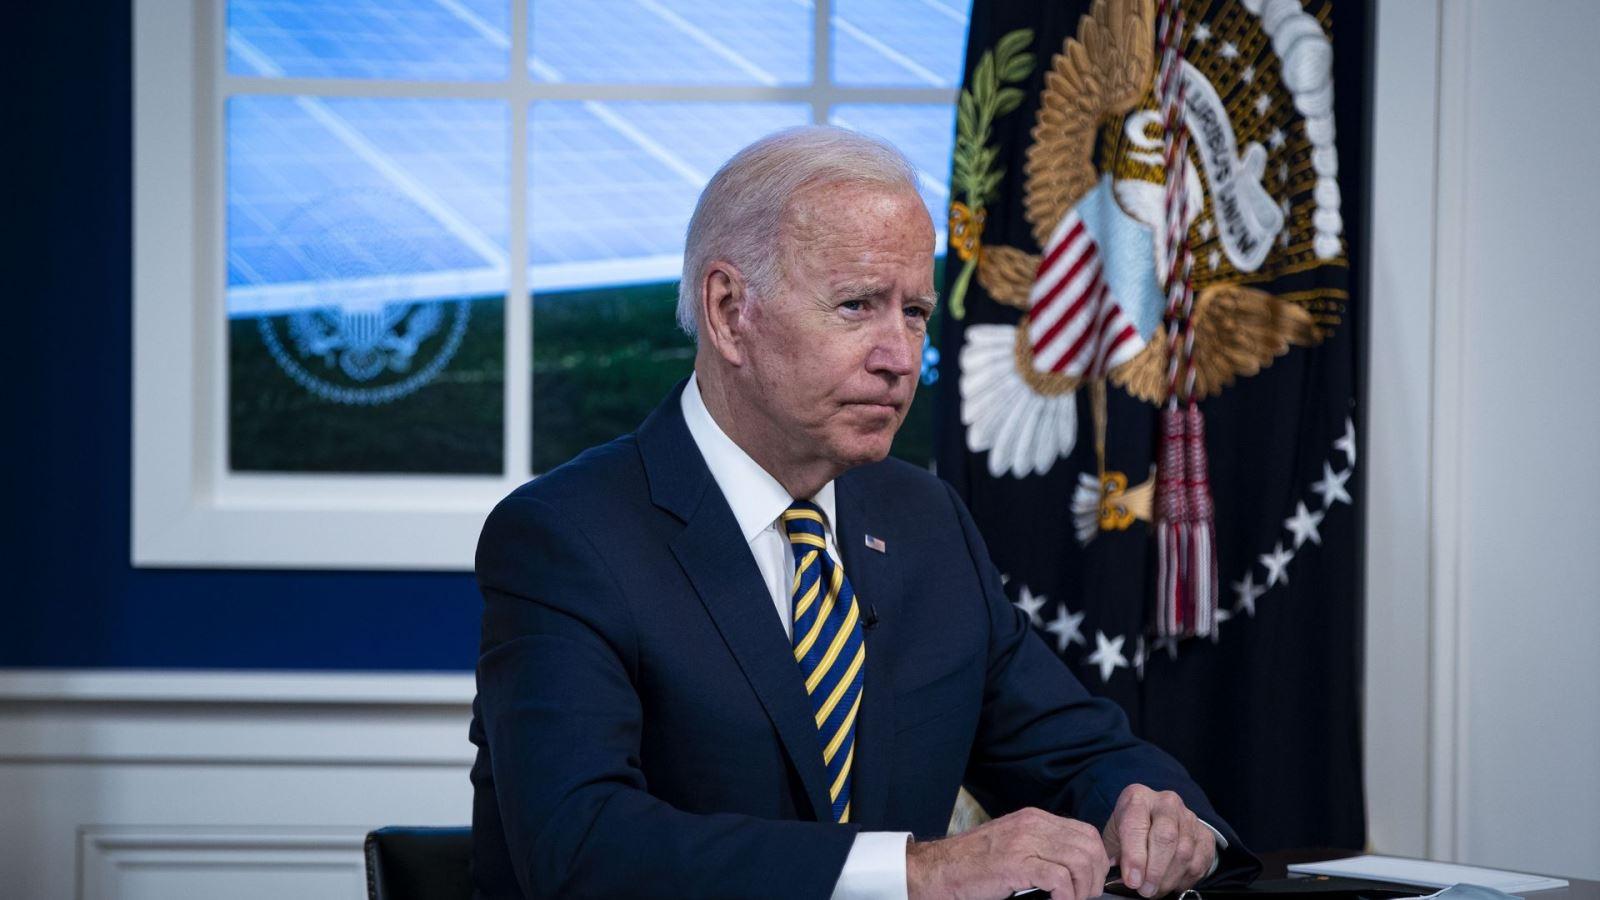 5 điểm đáng chú ý trong bài phát biểu của Tổng thống Mỹ Joe Biden tại Đại hội đồng LHQ